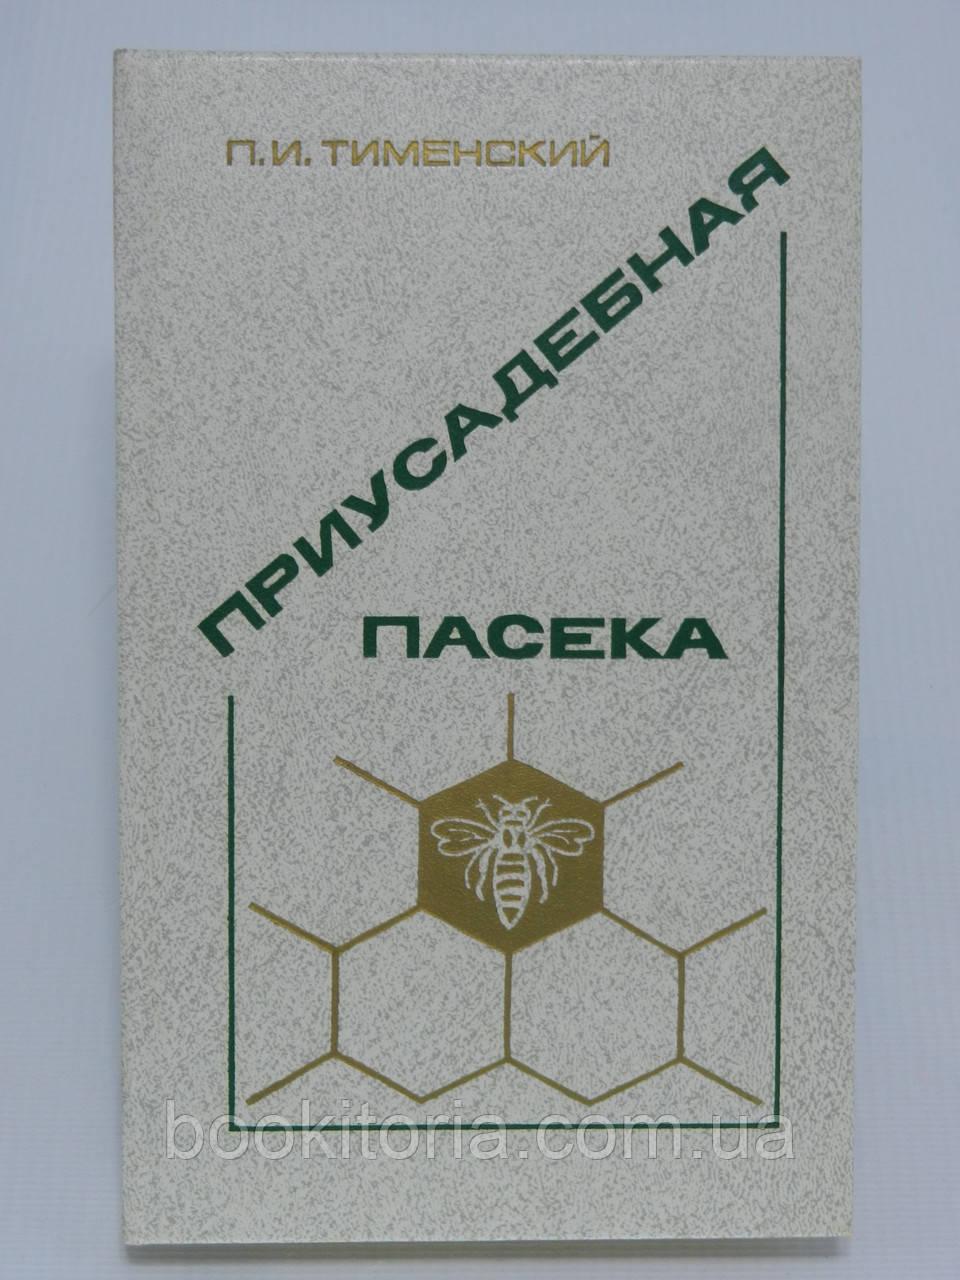 Тименский П.И. Приусадебная пасека (б/у).